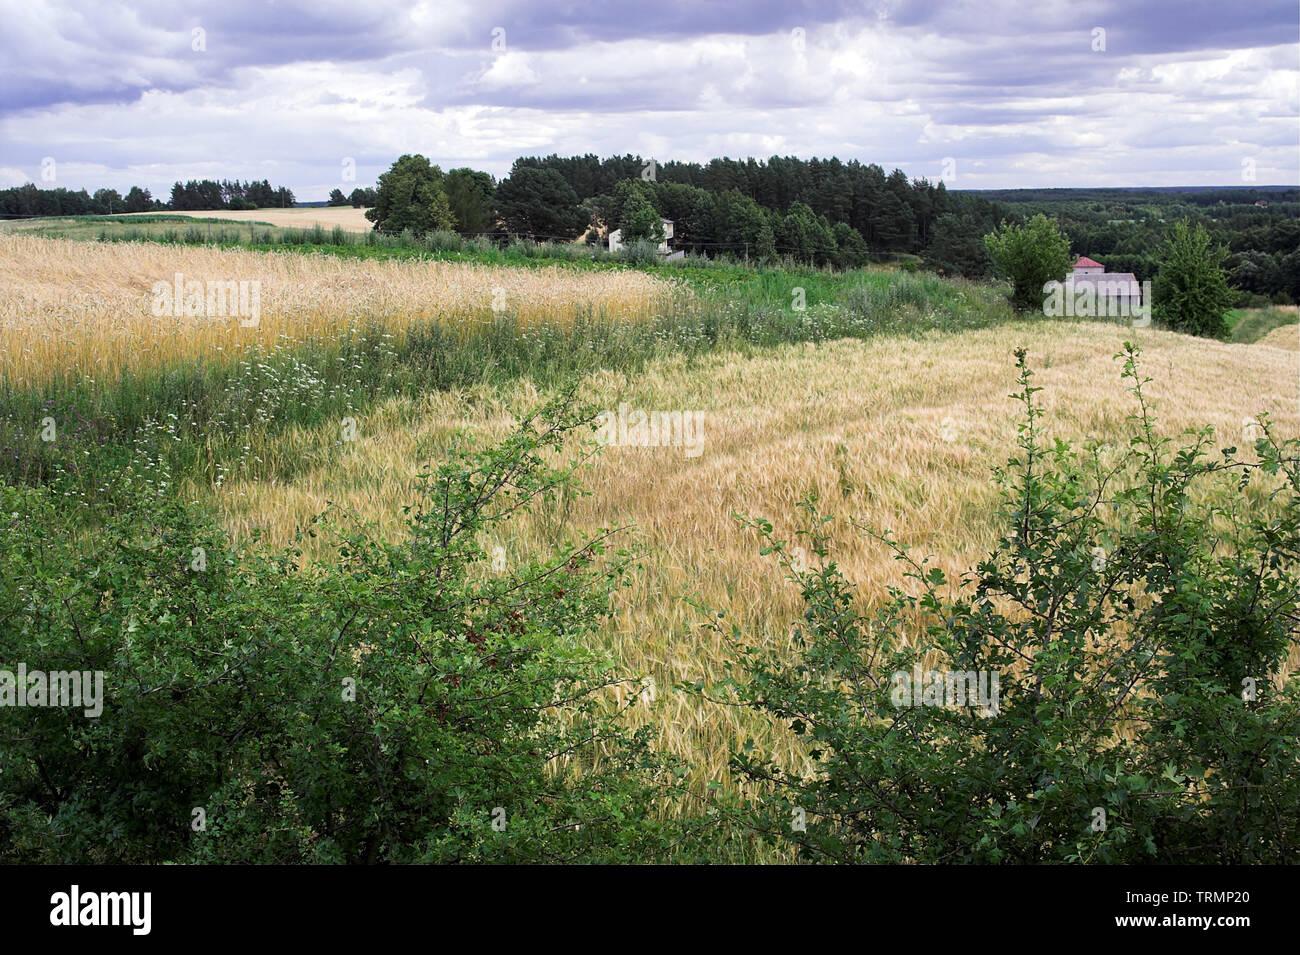 Rural landscape in the Wigry region. Ripening cereals. Ländliche Landschaft in der Region Wigry. Reifung von Getreide. Dojrzewające zboża. - Stock Image